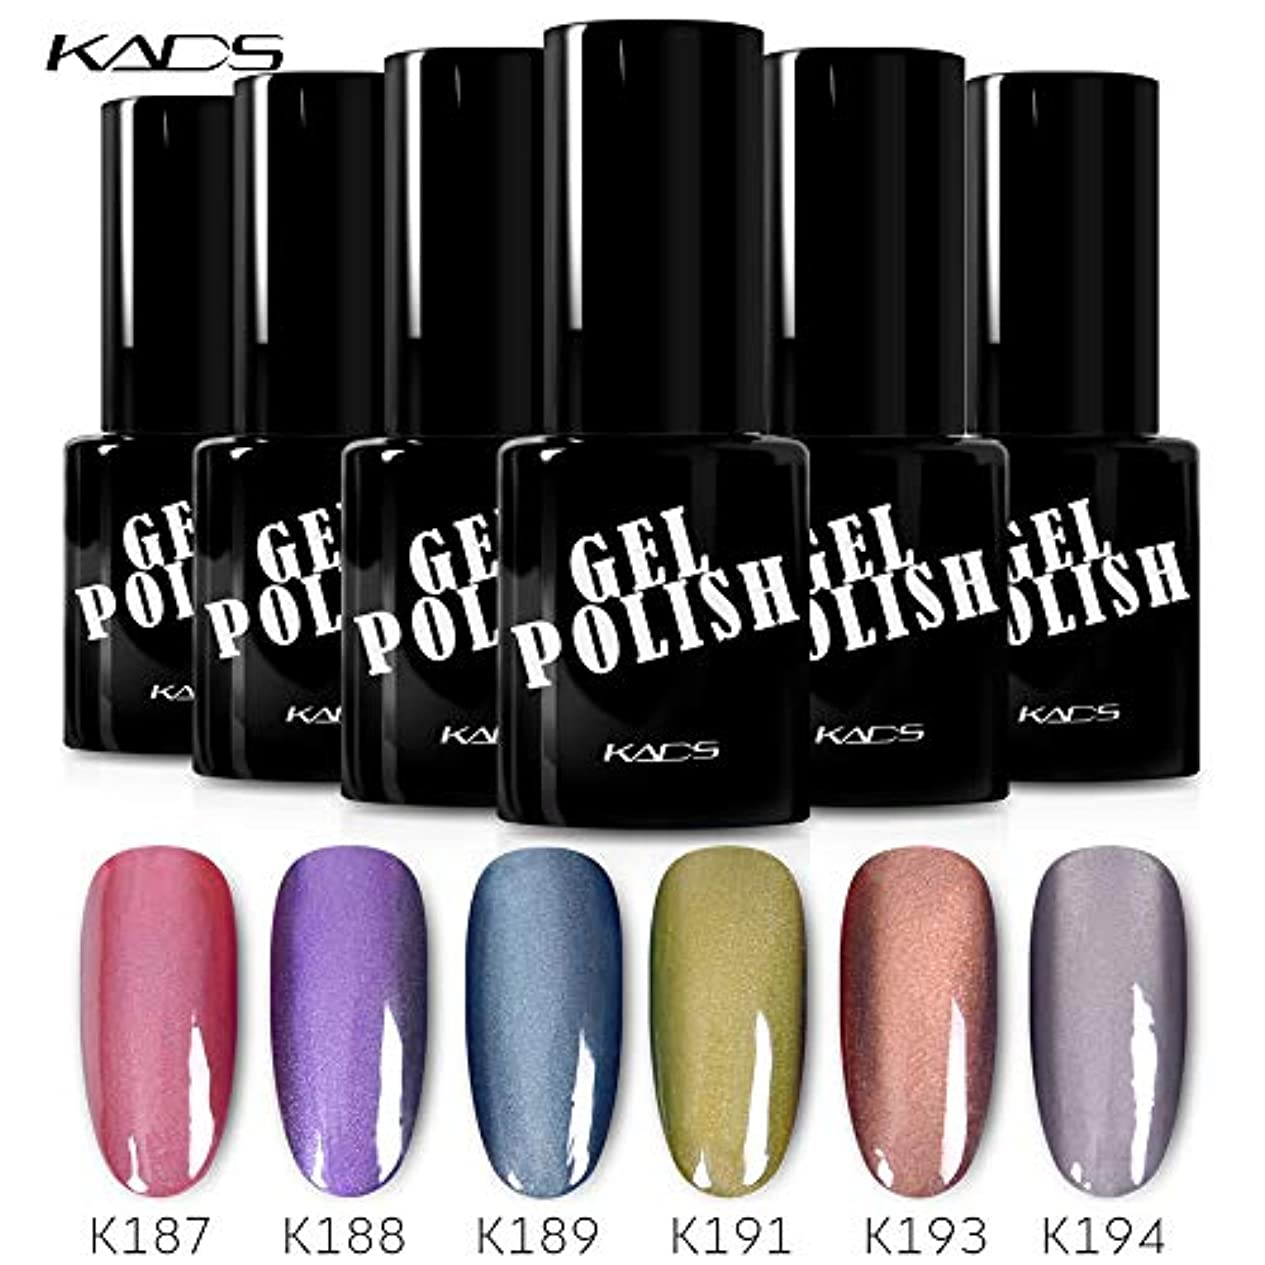 おばさん日記余計なKADS カラージェル 6色入り キャッツアイジェルネイル グリーン/ピンク/グレー カラーポリッシュ UV/LED対応 艶長持ち